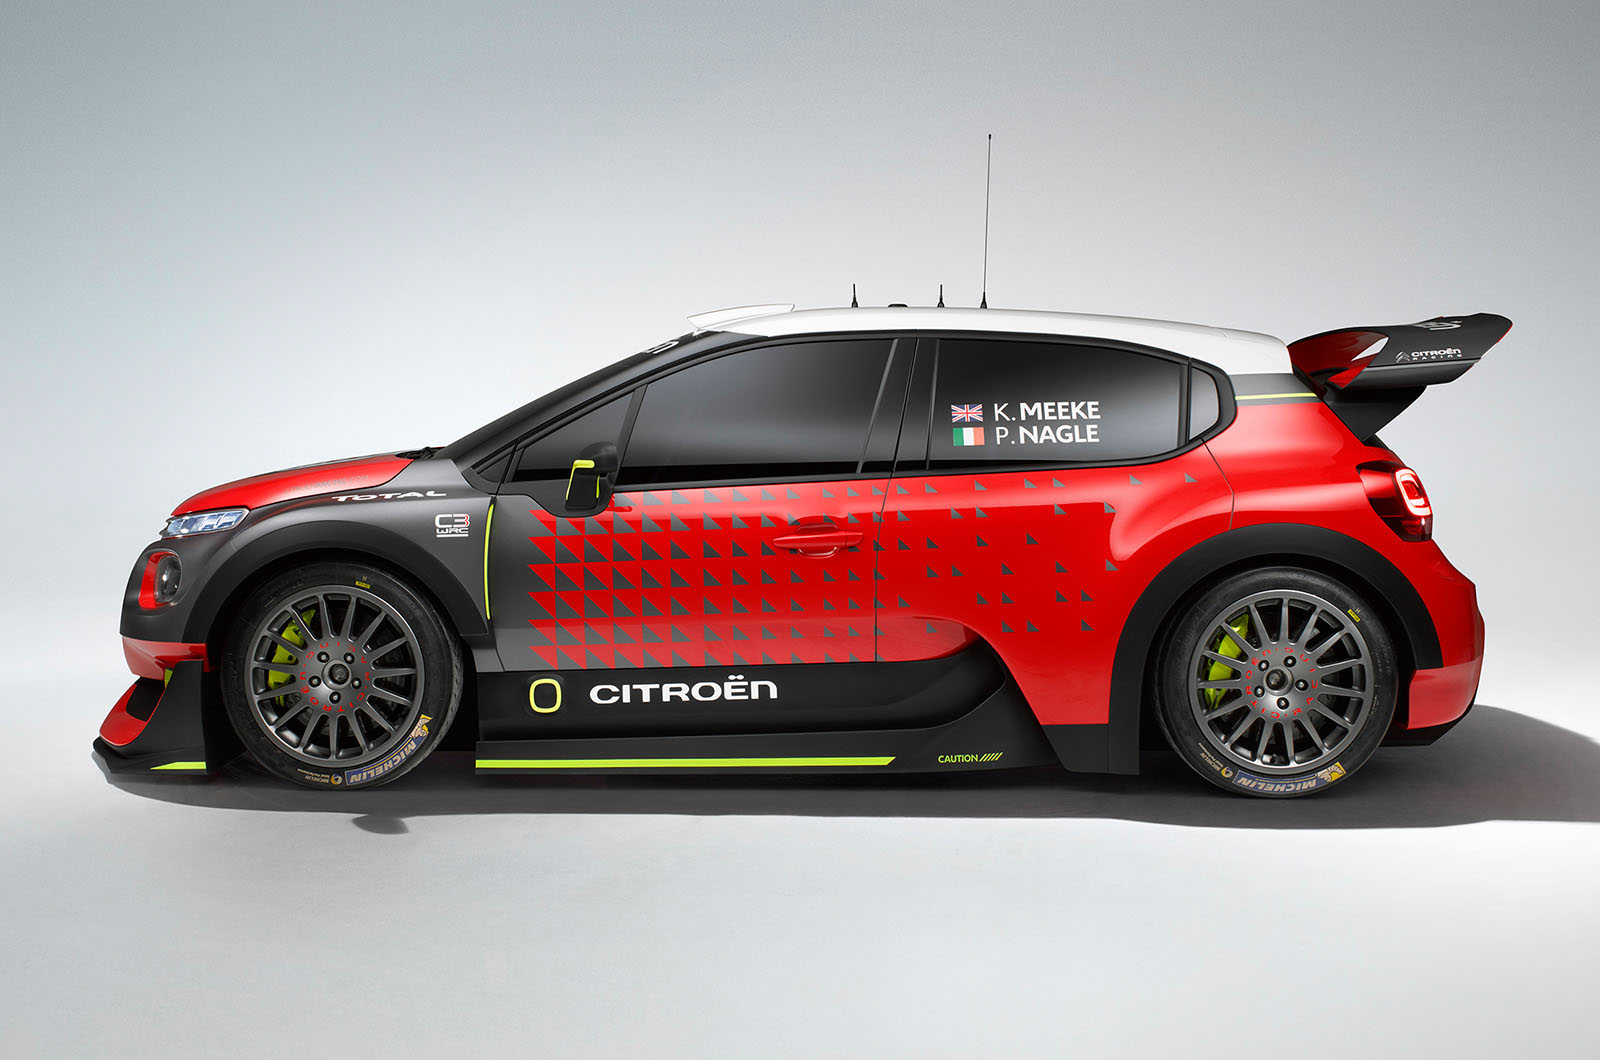 2017 Citroën C3 WRC Paris concept will spawn Fiesta ST rival | Autocar